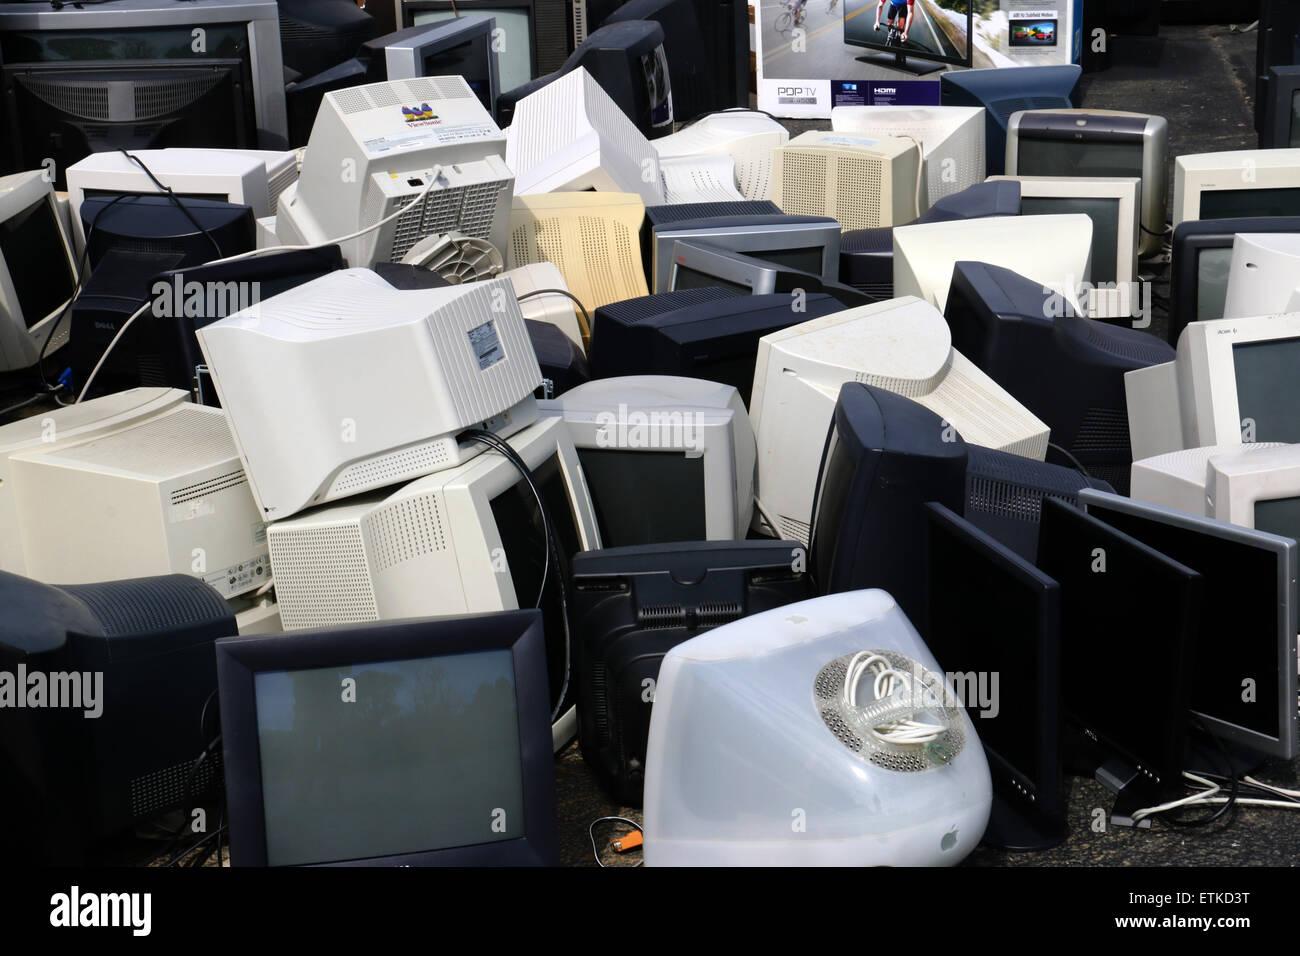 Recyclage de matériel électronique désuet vieux moniteur ordinateur portable de l'Ohio de l'imprimante Photo Stock